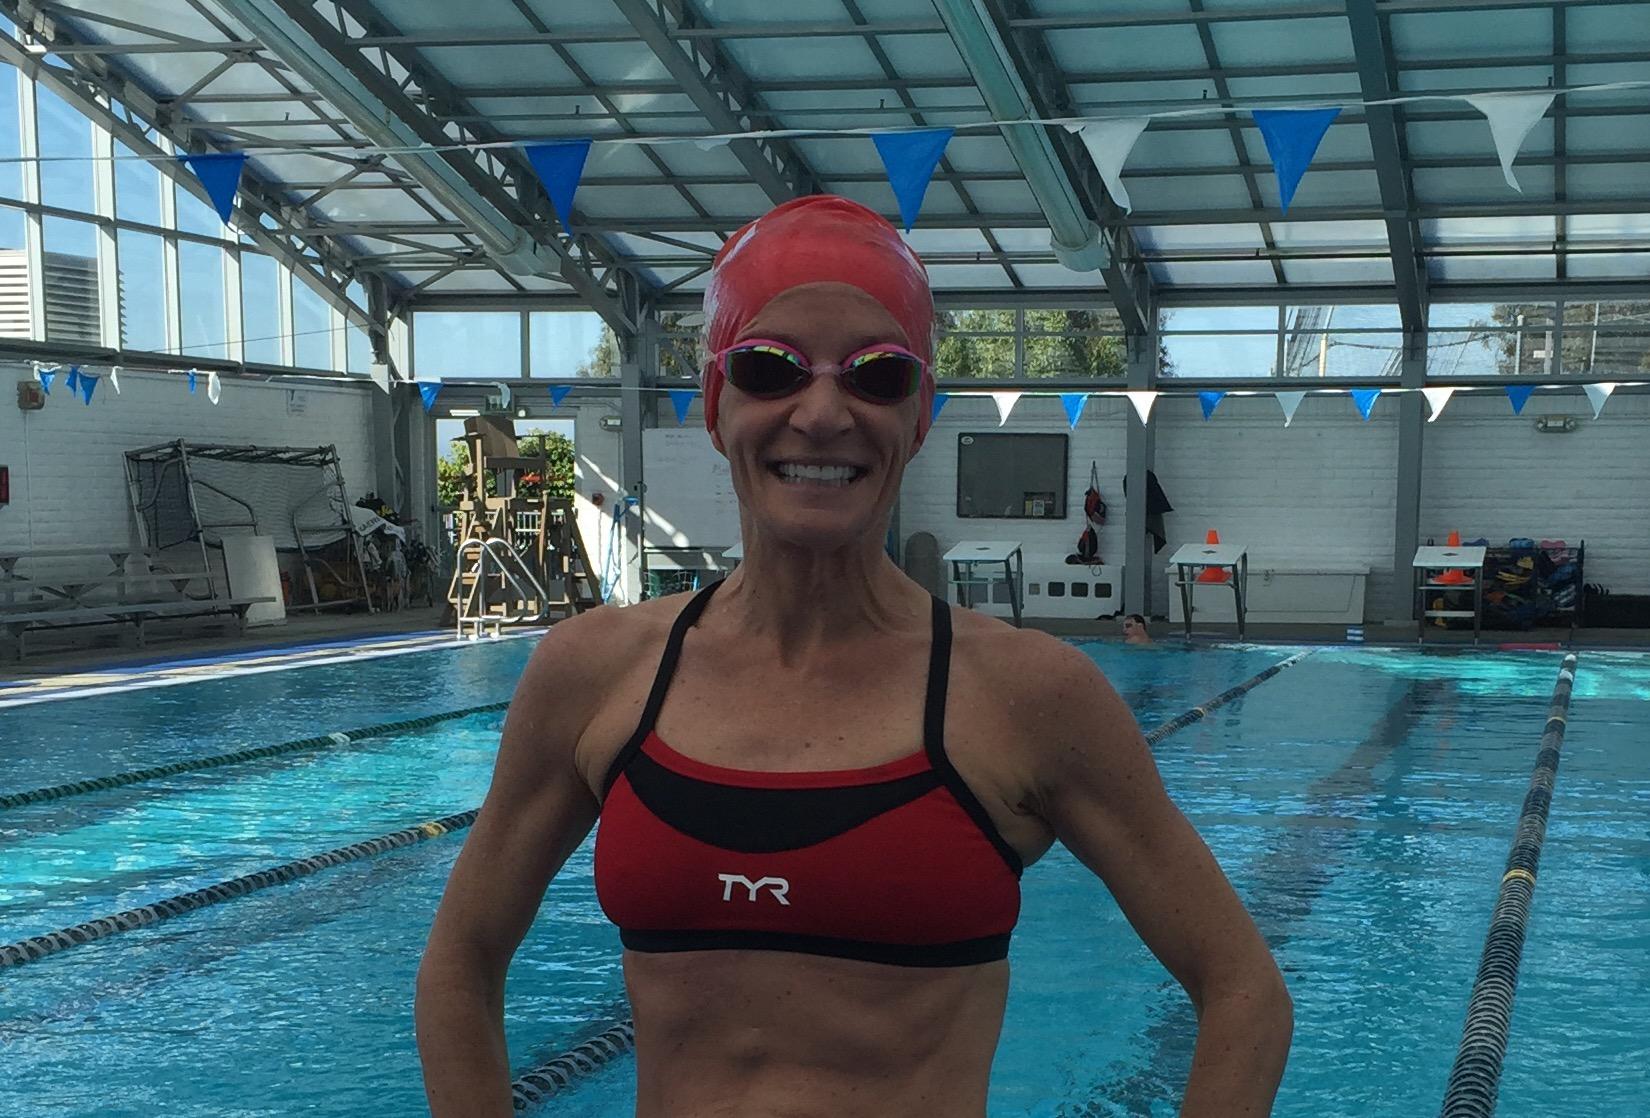 Post swim smiles!